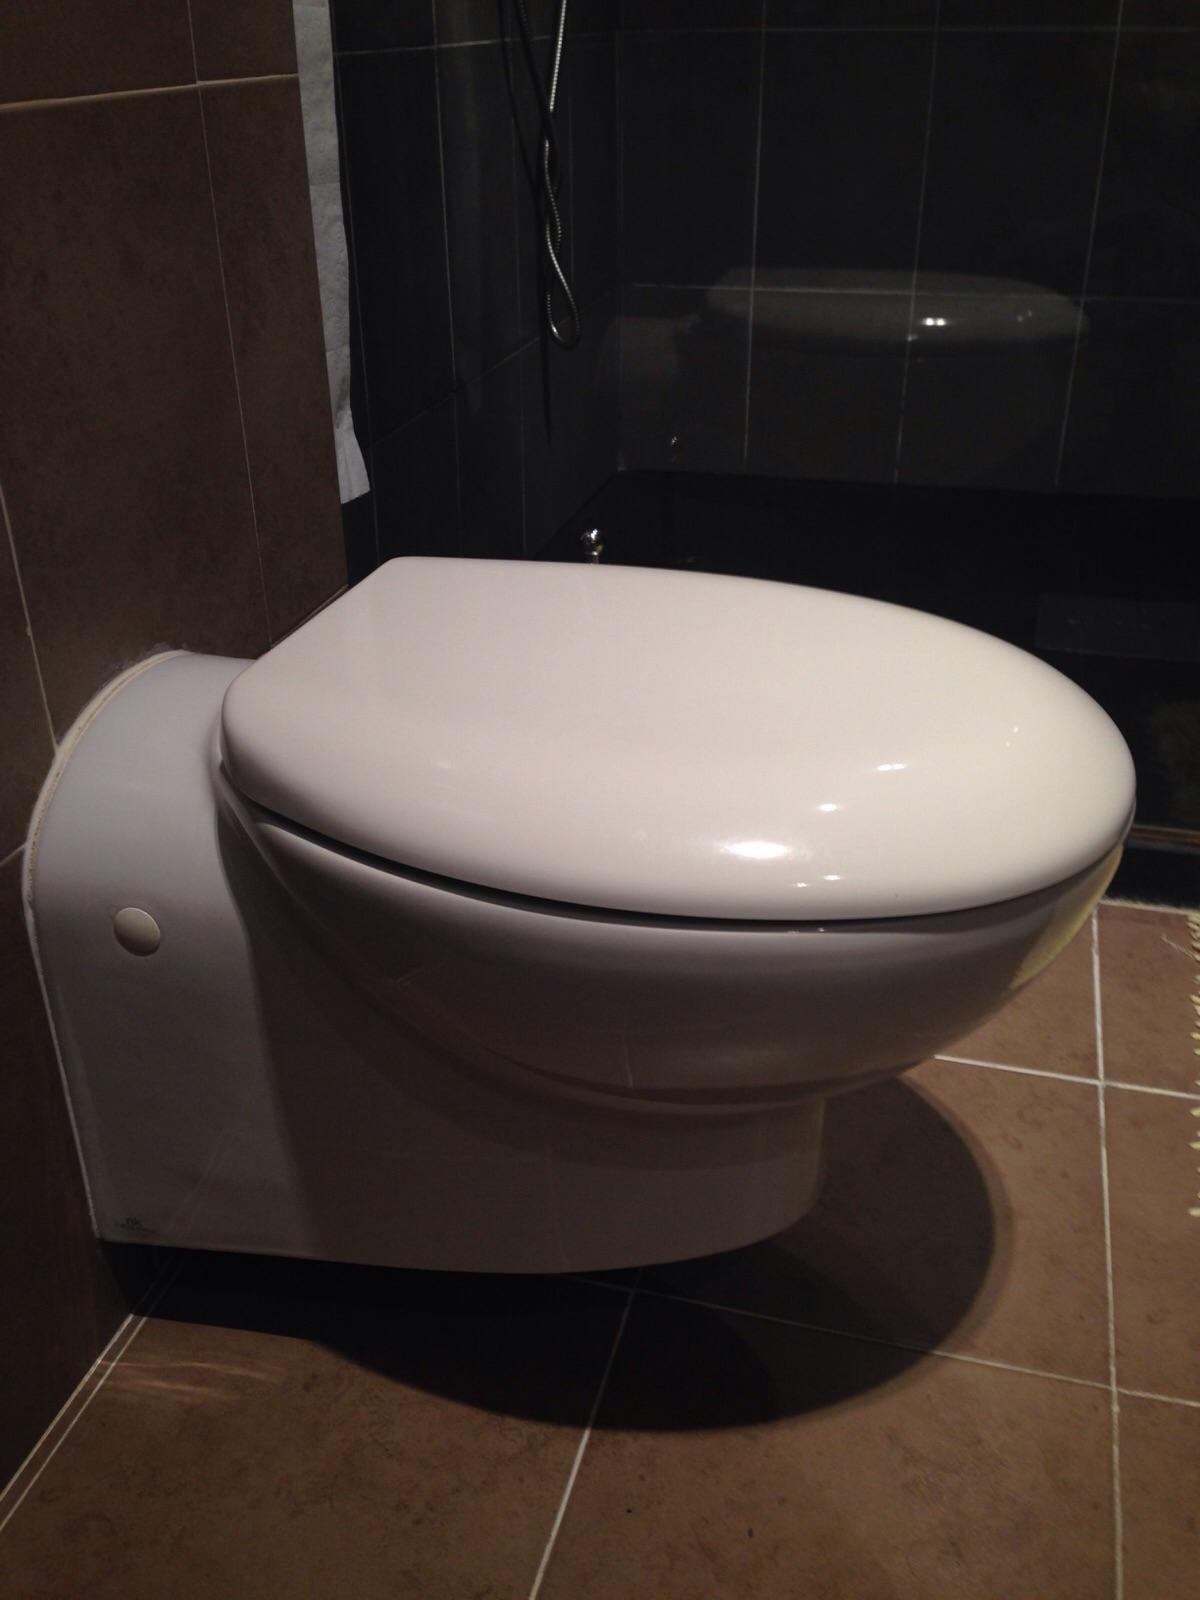 Instalaciones y venta tapa wc nk porcelanosa metric for Inodoro porcelanosa